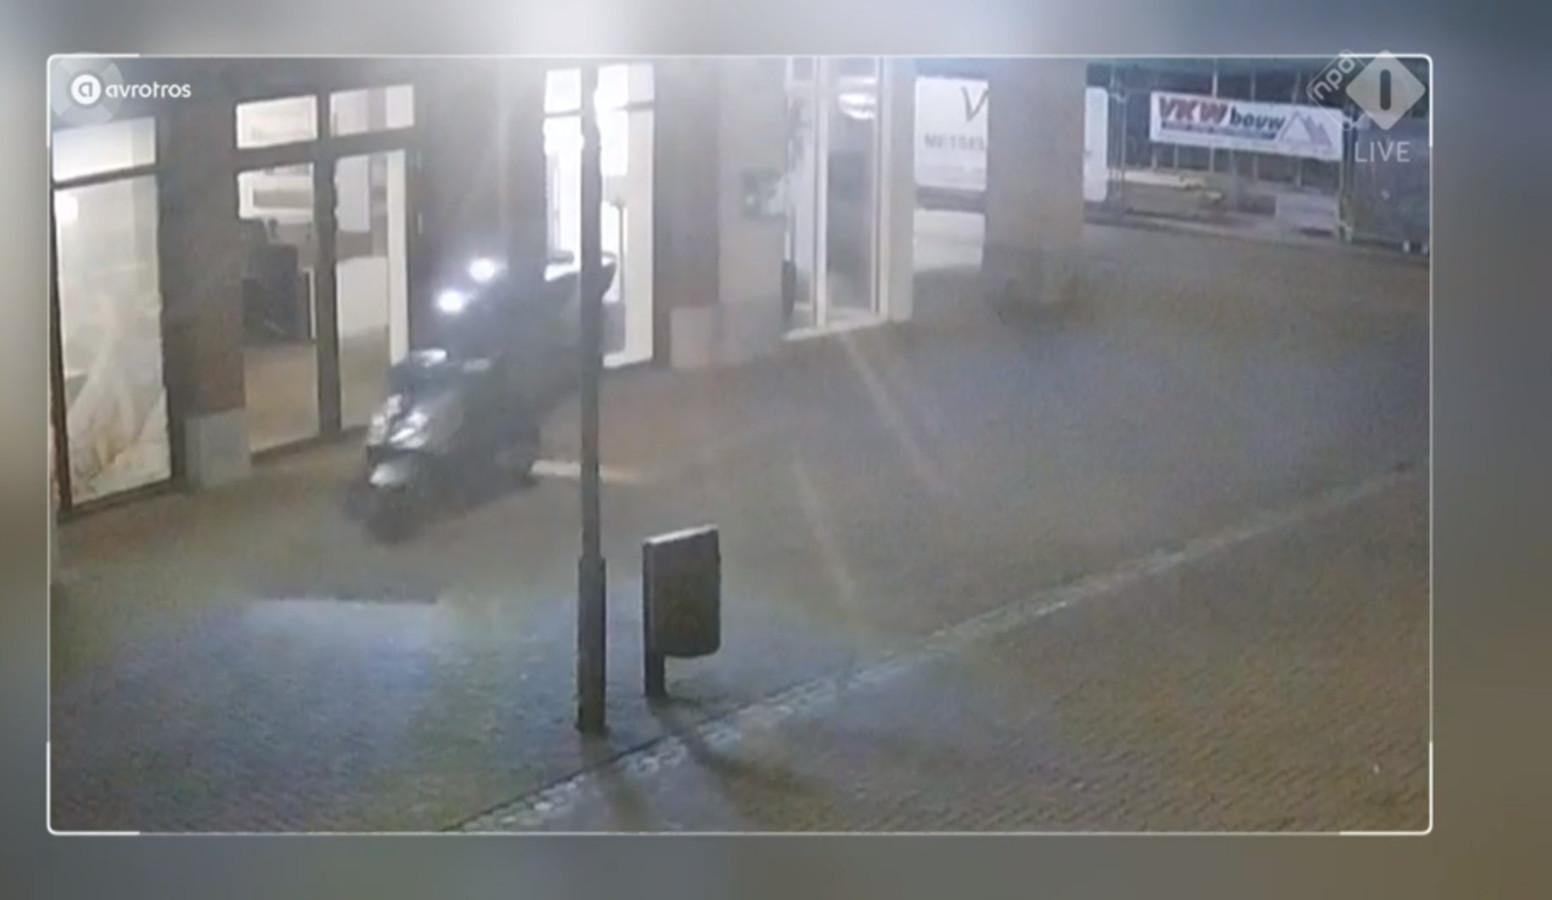 Terwijl op de achterkant de rook van de plofkraak nog niet is opgetrokken, vertrekken de daders van de plofkraak in Uden op een scooter.